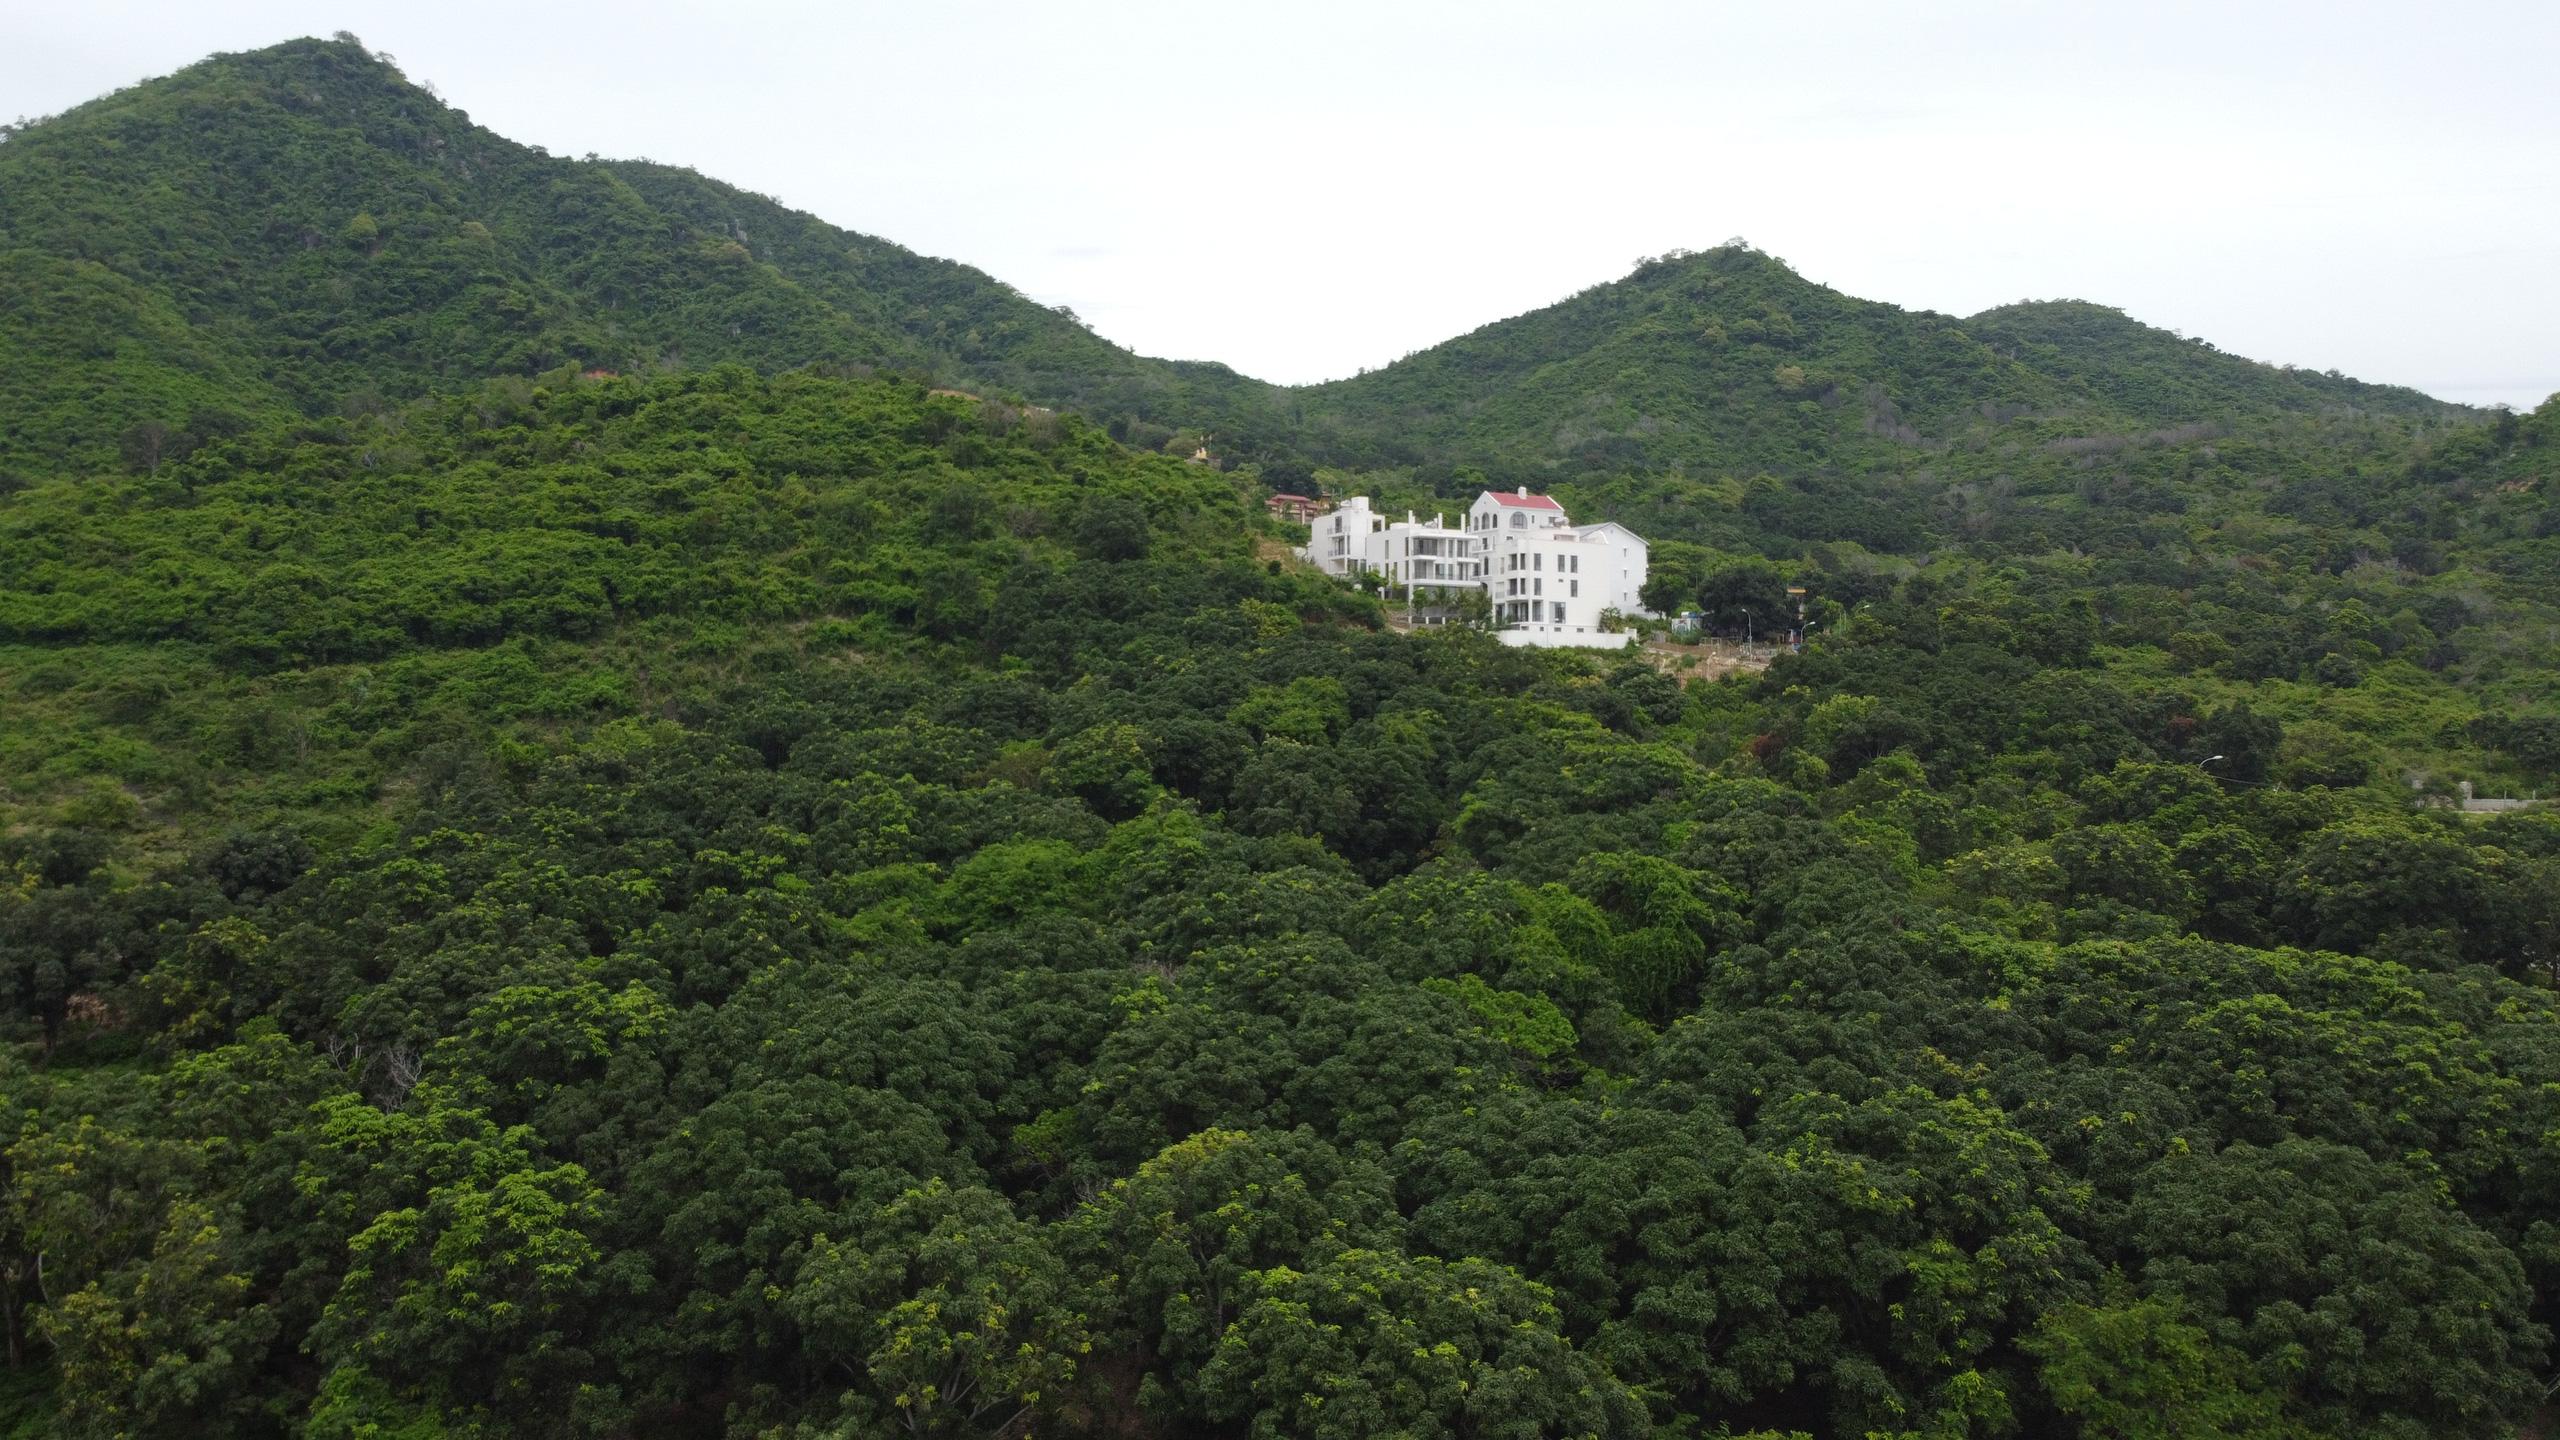 Nha Trang 'rộ' tình trạng san ủi đất rừng phân lô bán nền trái phép - Ảnh 2.